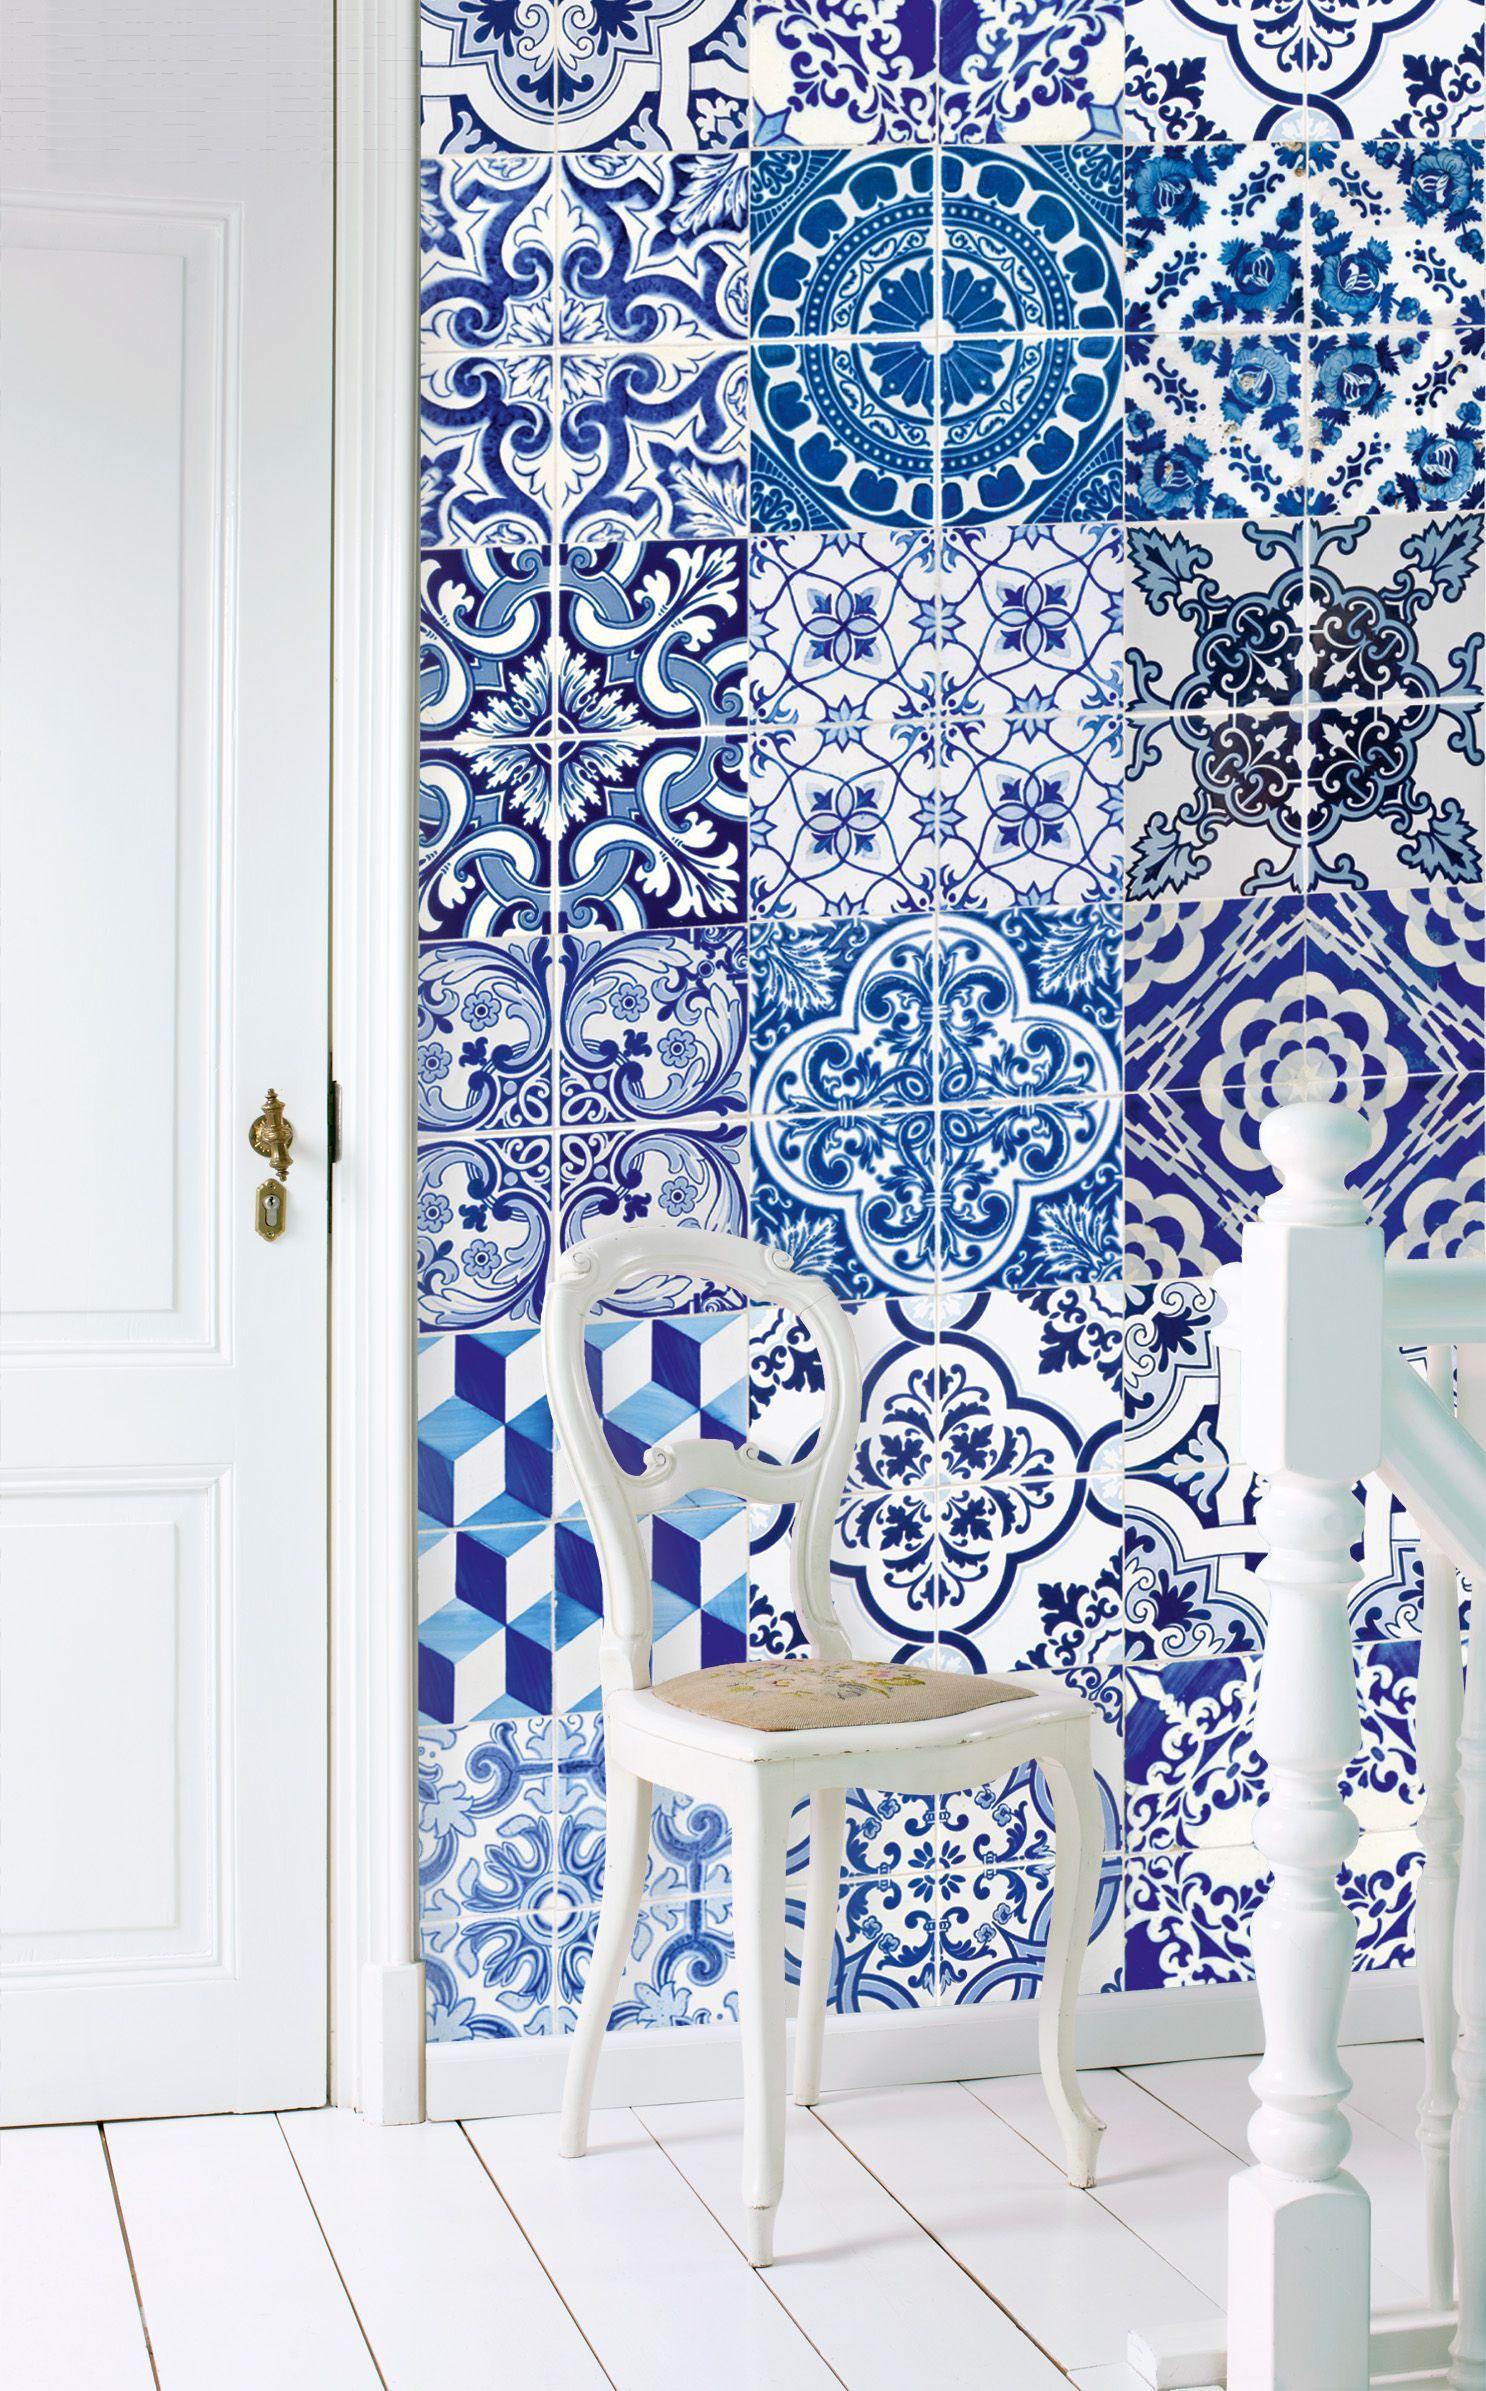 Azejulos Tile panel | Deco Design | Pinterest | Damasks, Patterns ...